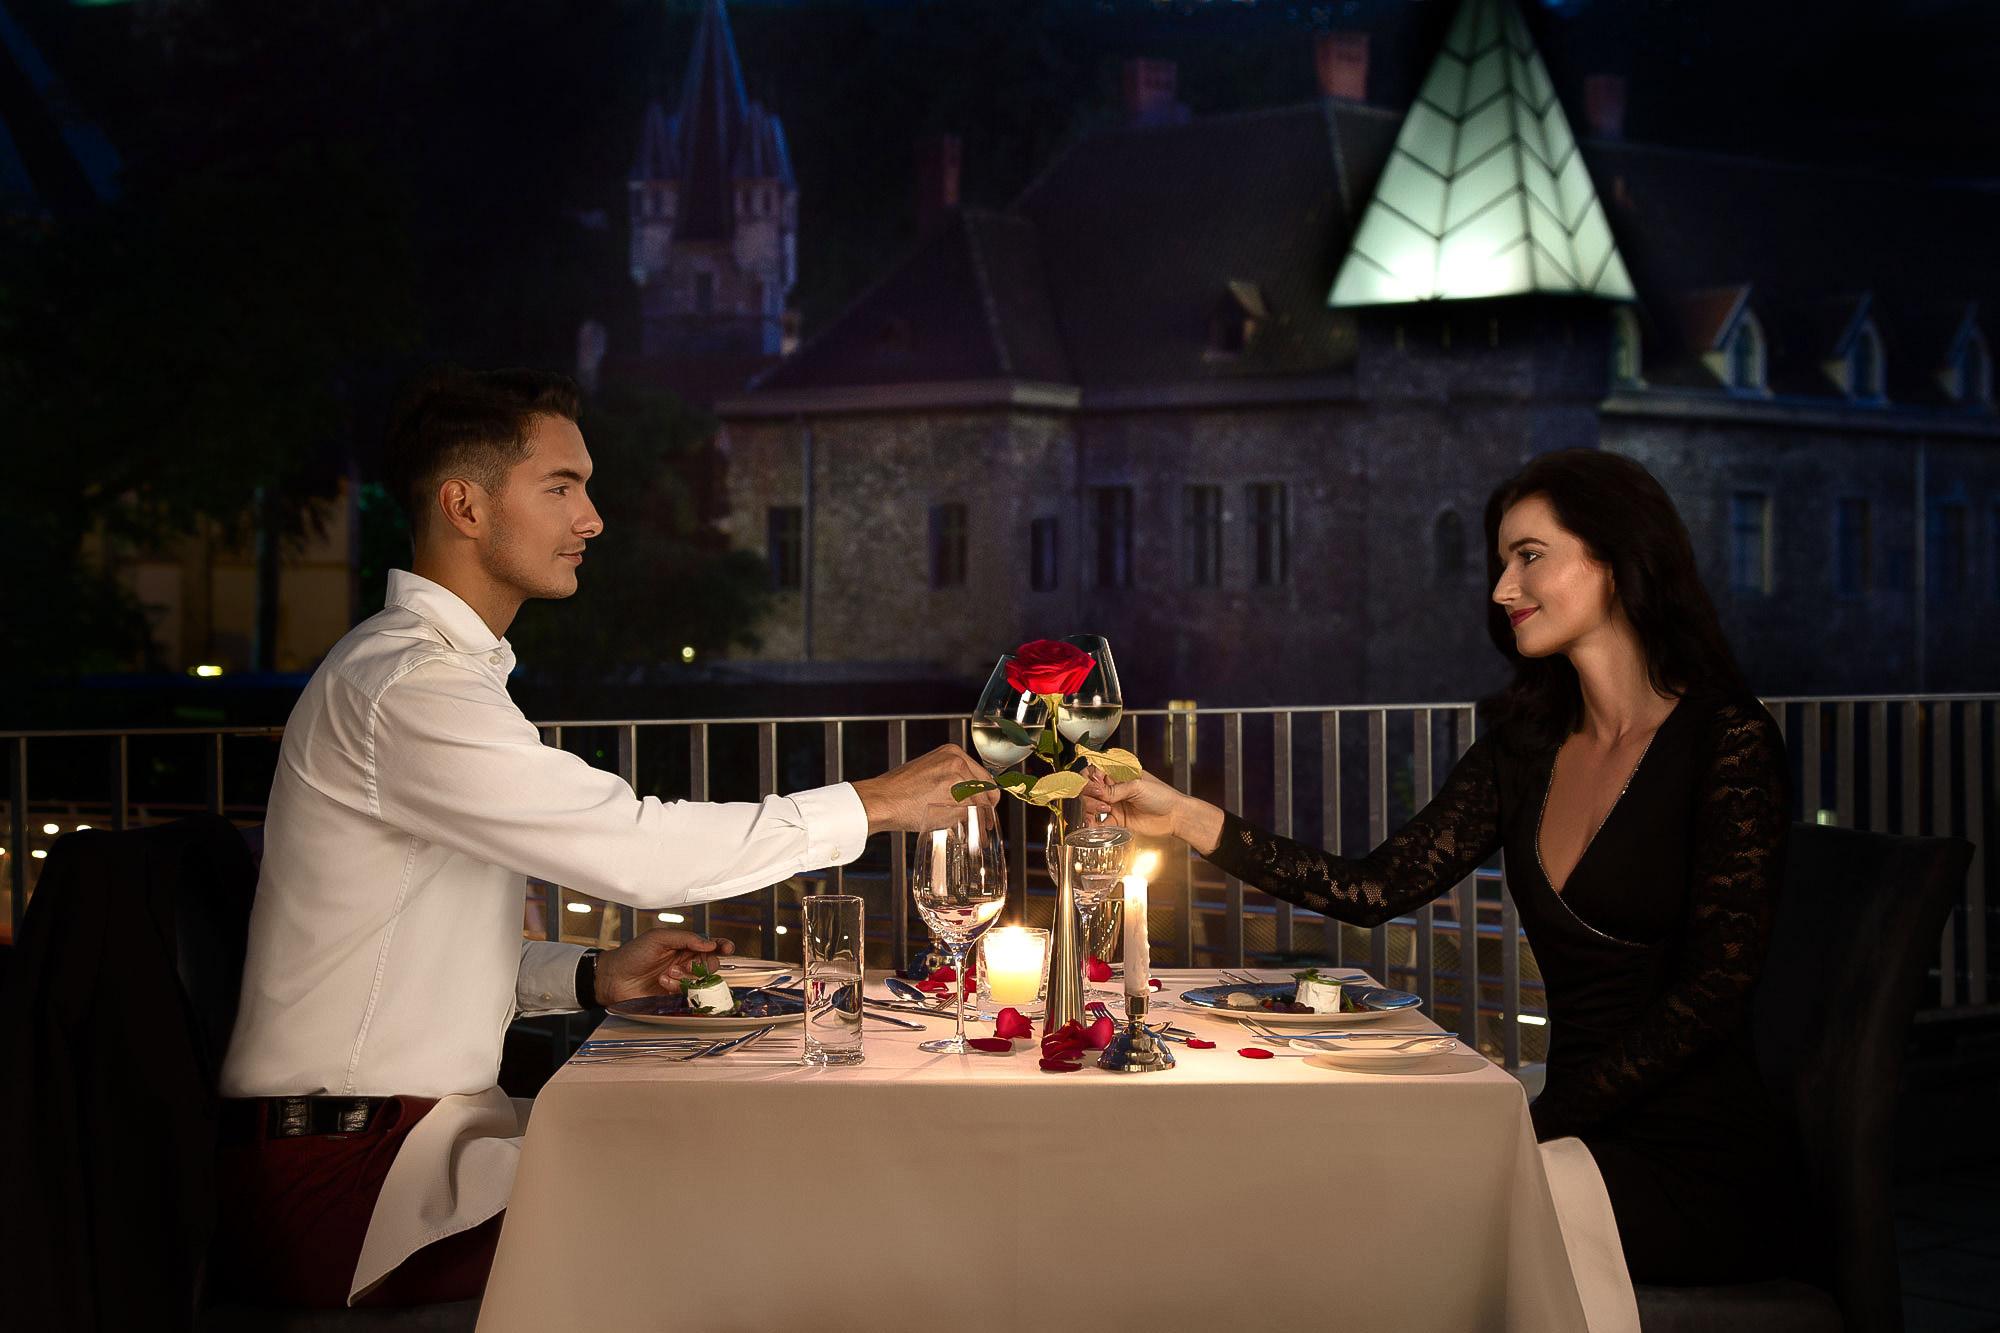 Romantische Dinner-Lifestyle-Fotografie Oesterreich von Adrian Kilchherr; Hotel- und Resortfotograf aus Schweiz